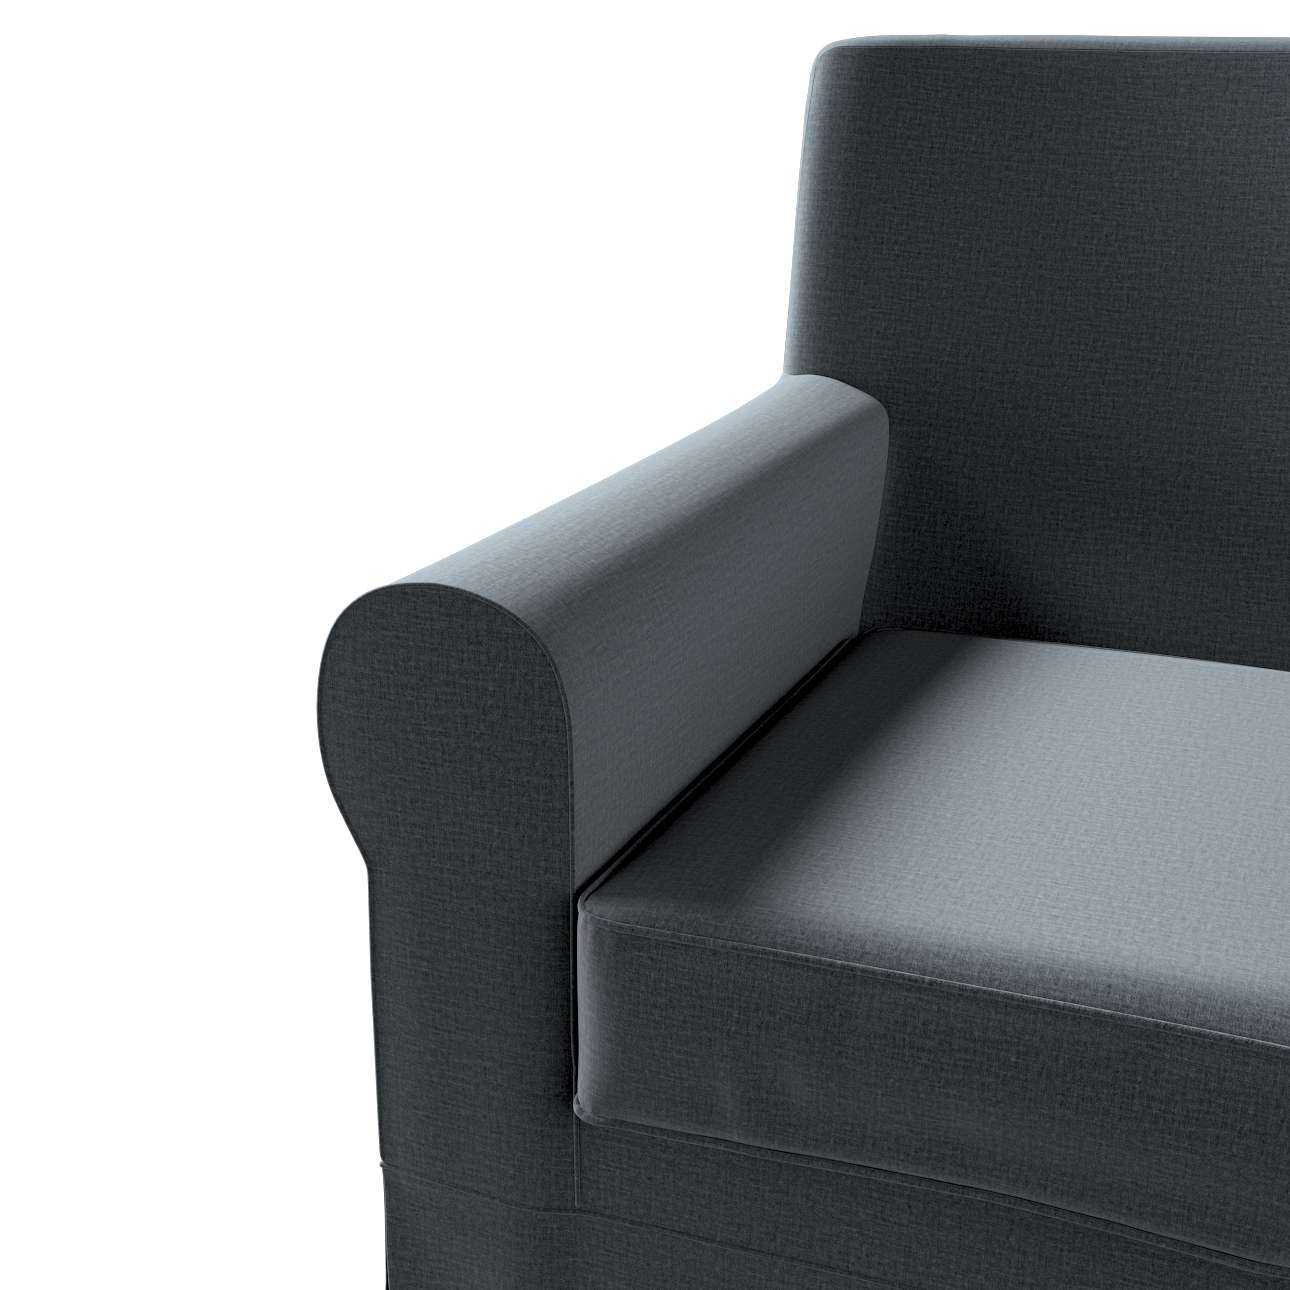 Pokrowiec na fotel Ektorp Jennylund w kolekcji Ingrid, tkanina: 705-43